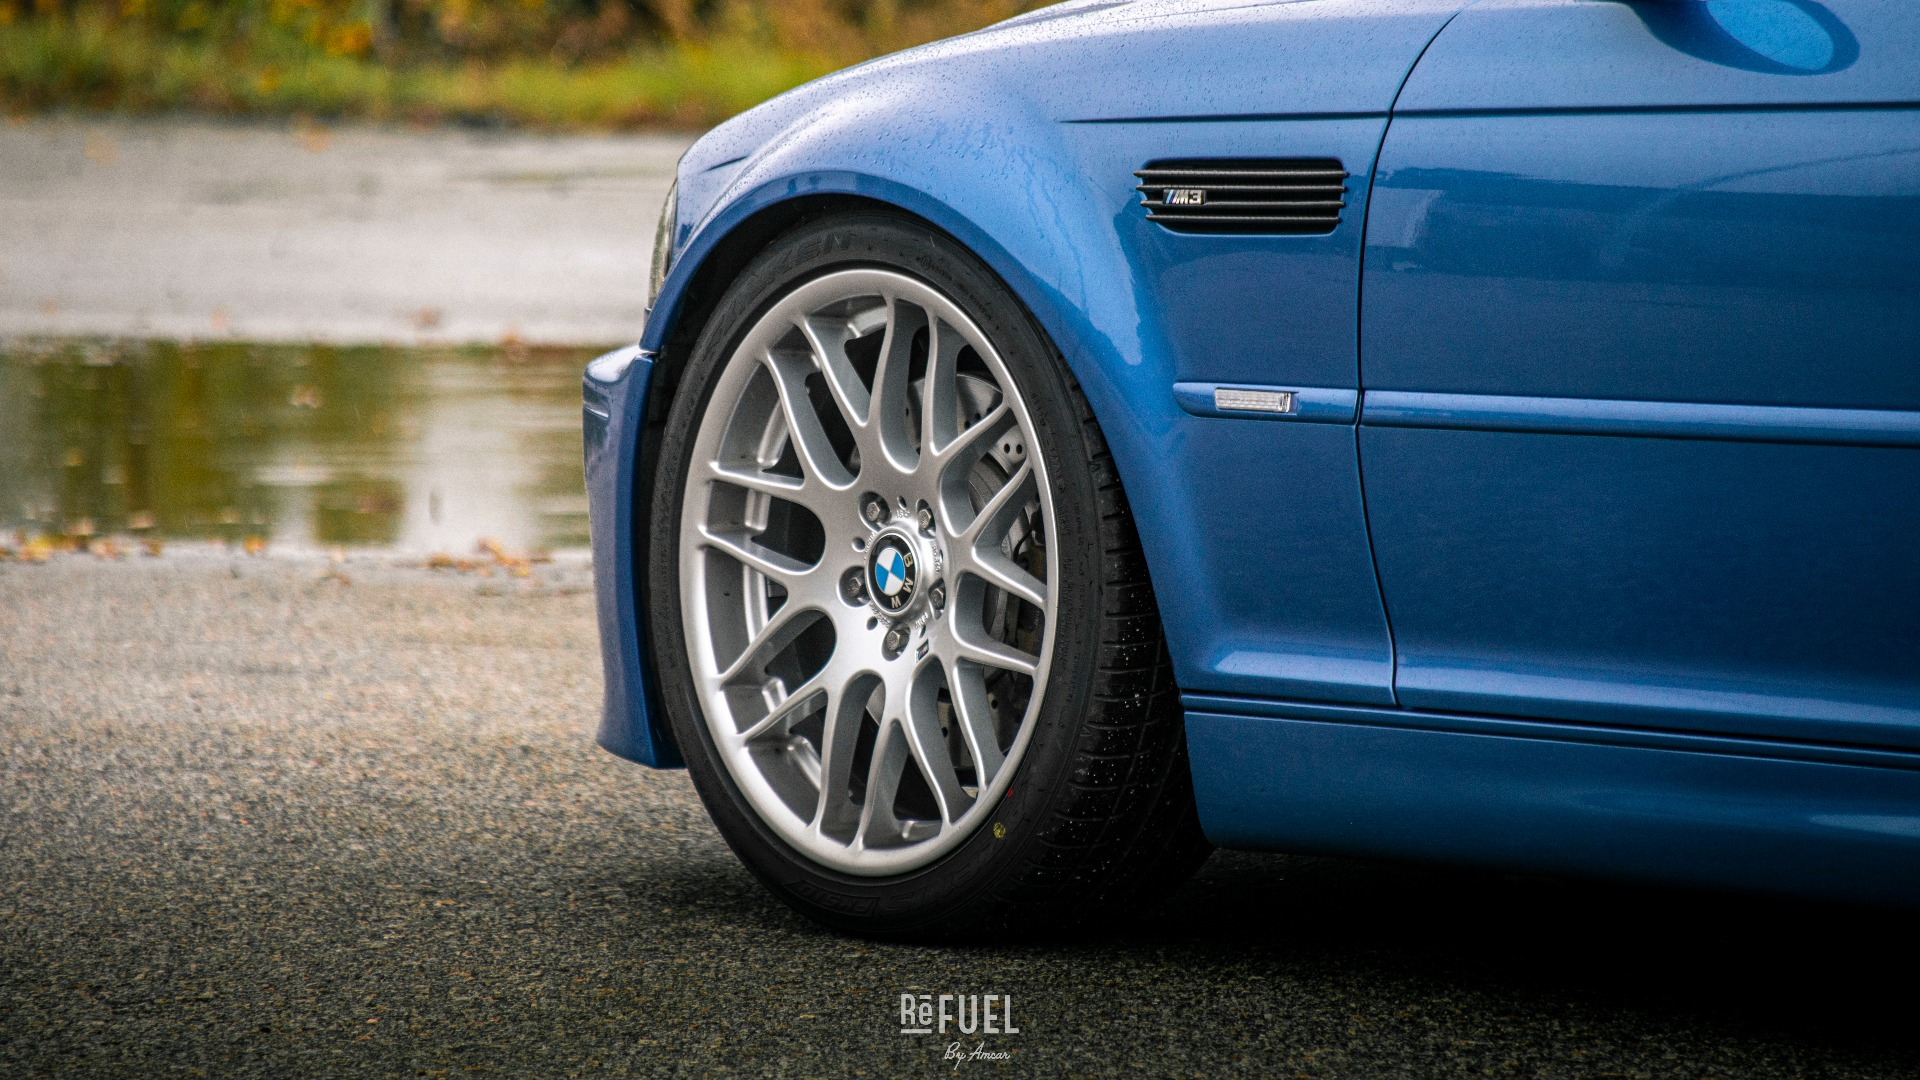 Vakre hjul og deilige karbon-detaljer på gjellene.